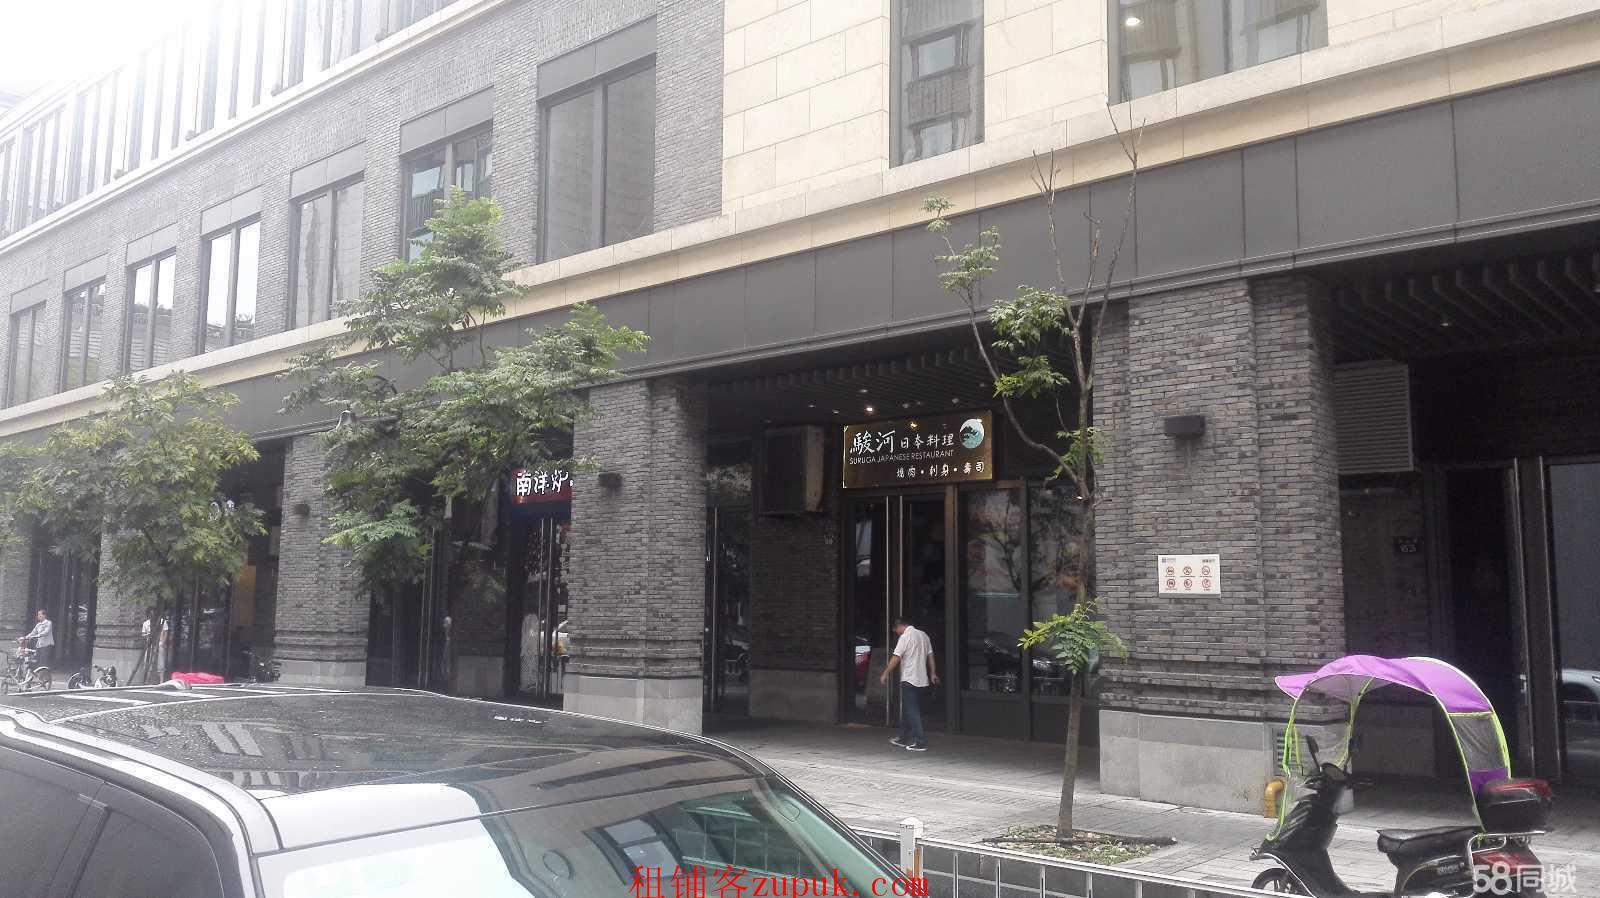 出租西湖湖滨银泰边吴山路一楼沿街稀缺旺铺